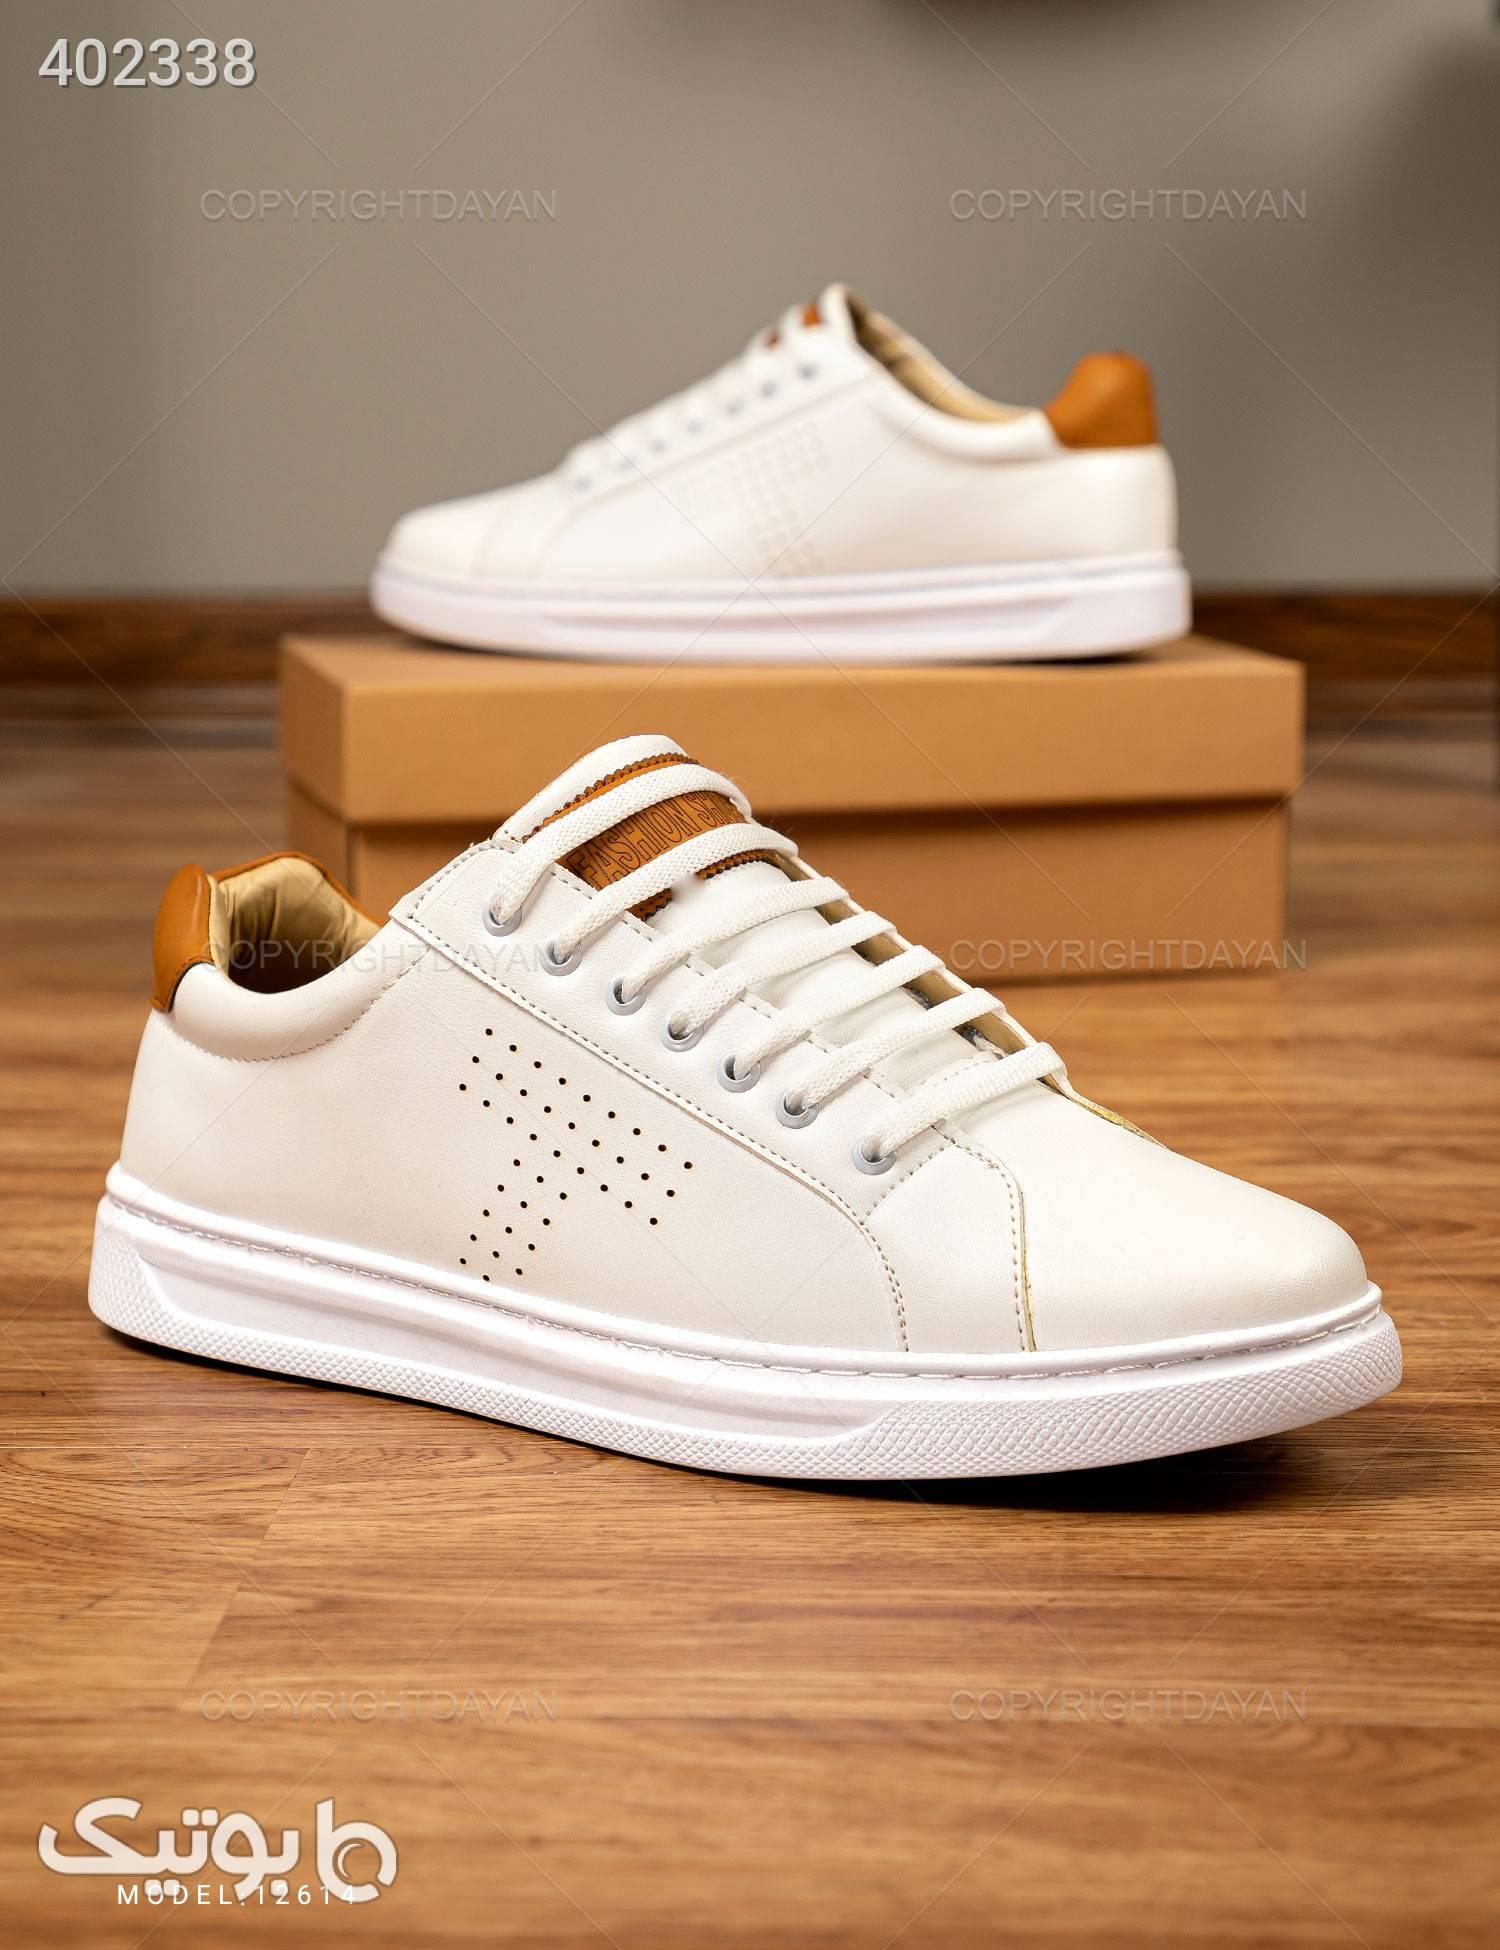 کفش Stark مدل 12614 سفید كتانی مردانه